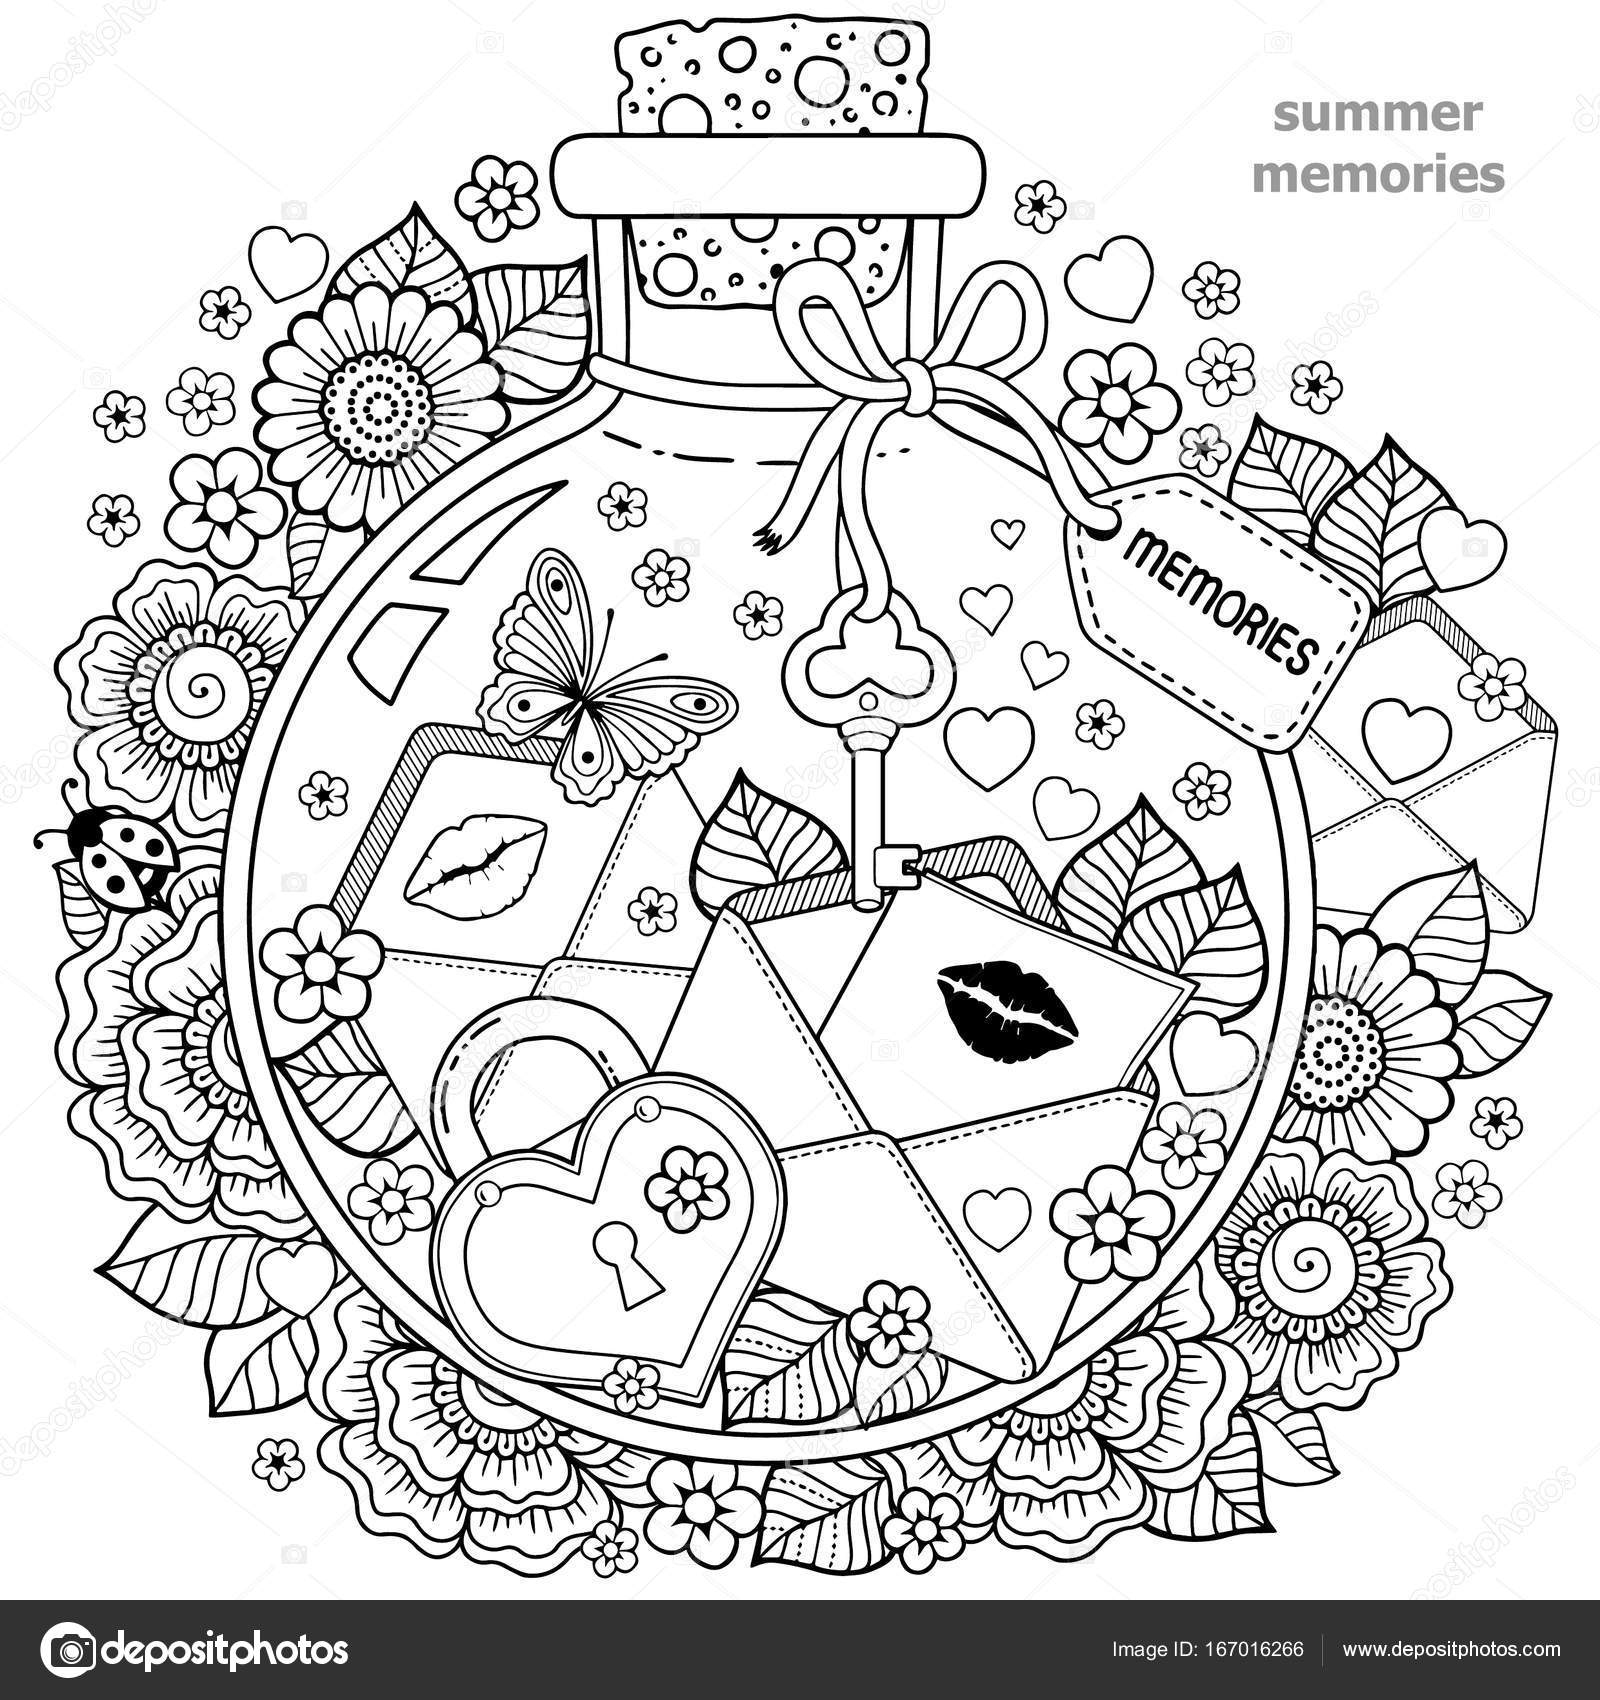 kleurplaten voor volwassenen vector kleurboek voor